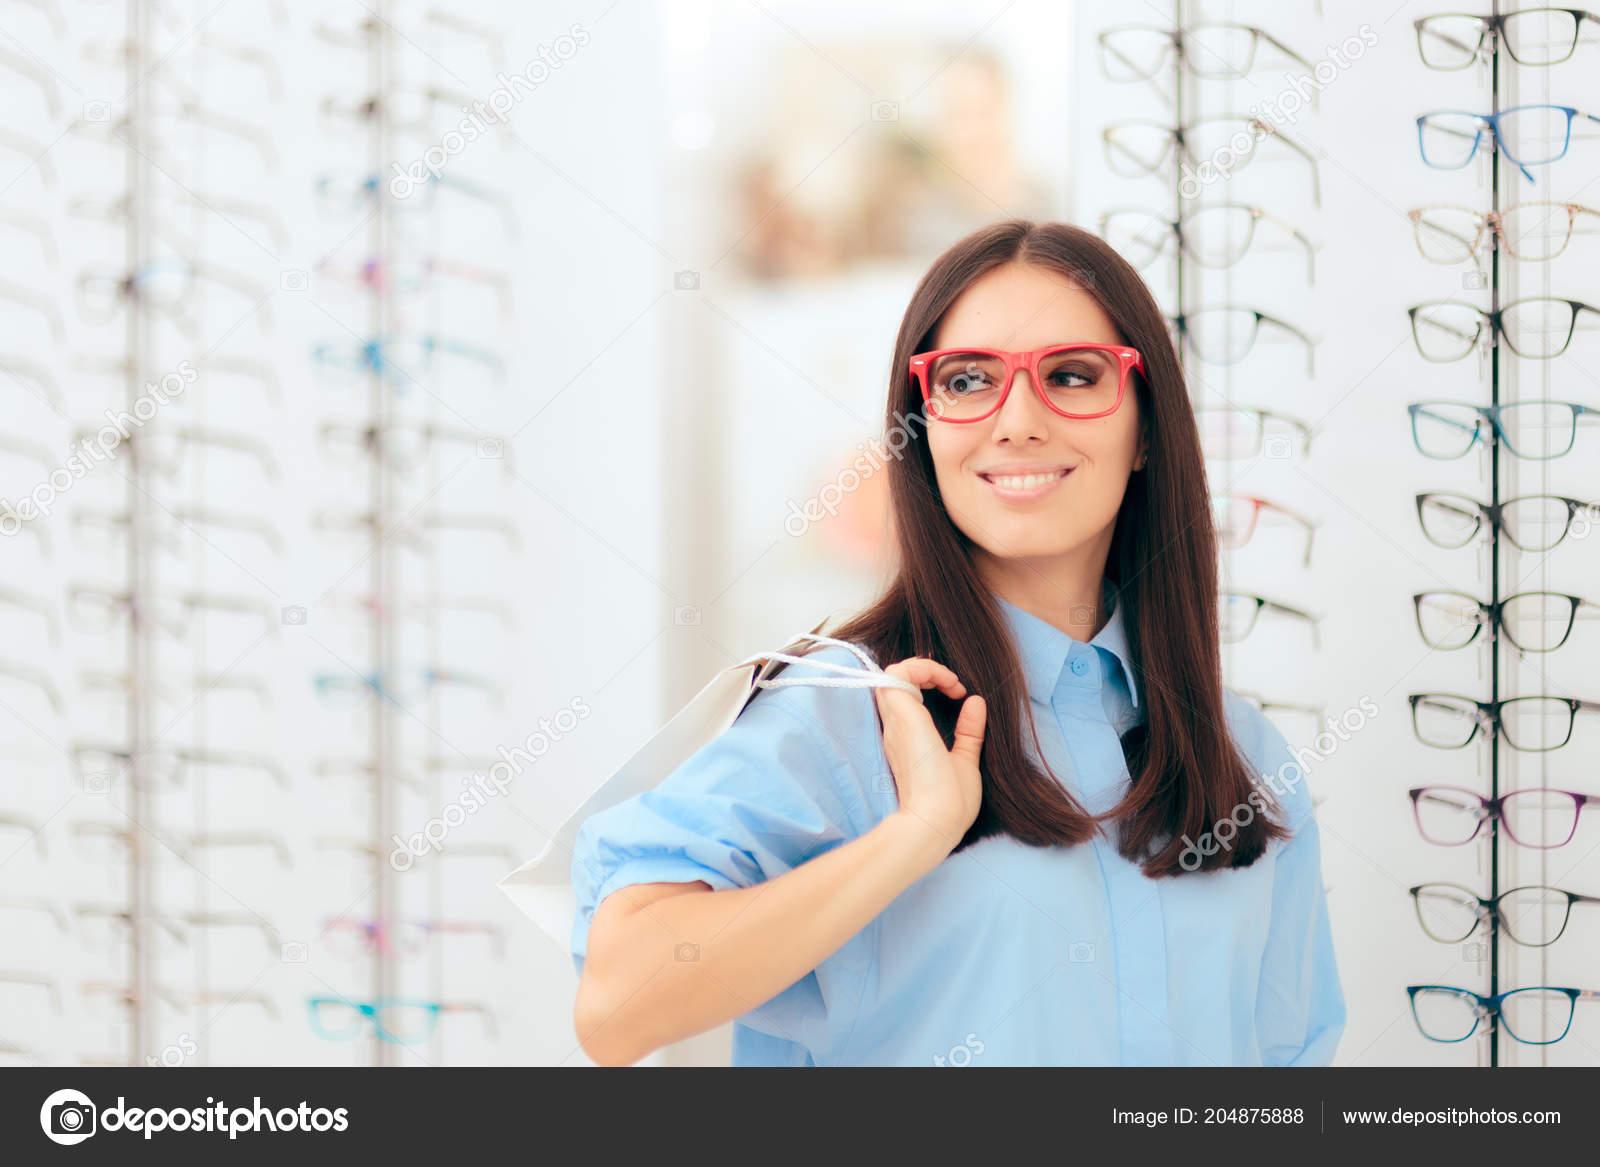 dbde5ffdc2 Κορίτσι Ψώνια Για Γυαλιά Στην Πώληση Σεζόν Στο Κατάστημα Οπτικών– εικόνα  αρχείου